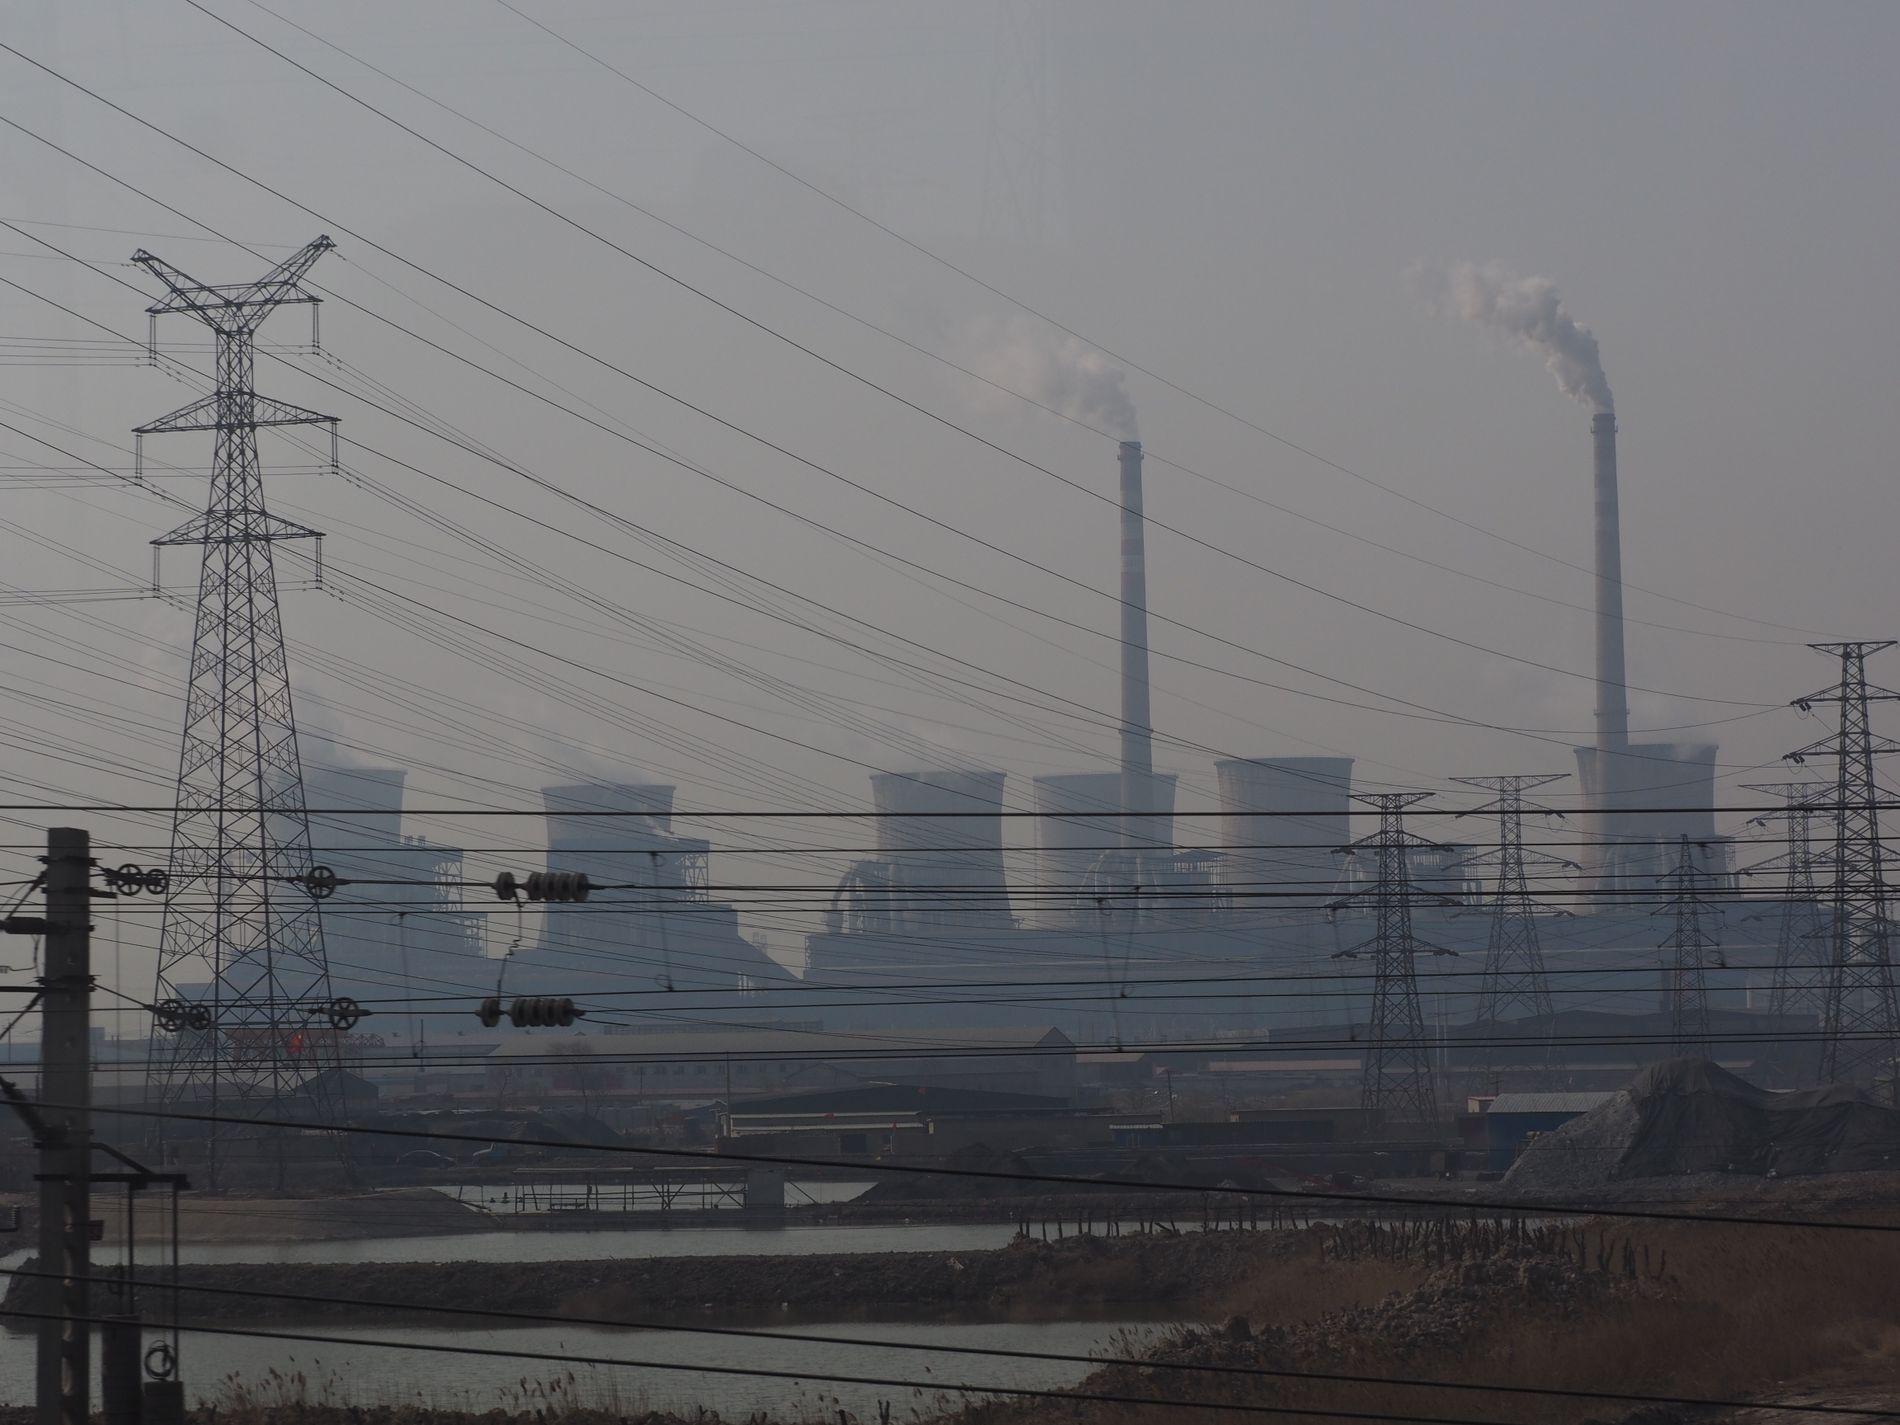 SKITEN STRAUM: Medan Kina byggjer færre kolkraftverk, aukar dei kraftig finansieringa av kolkraft i fattige samarbeidsland.